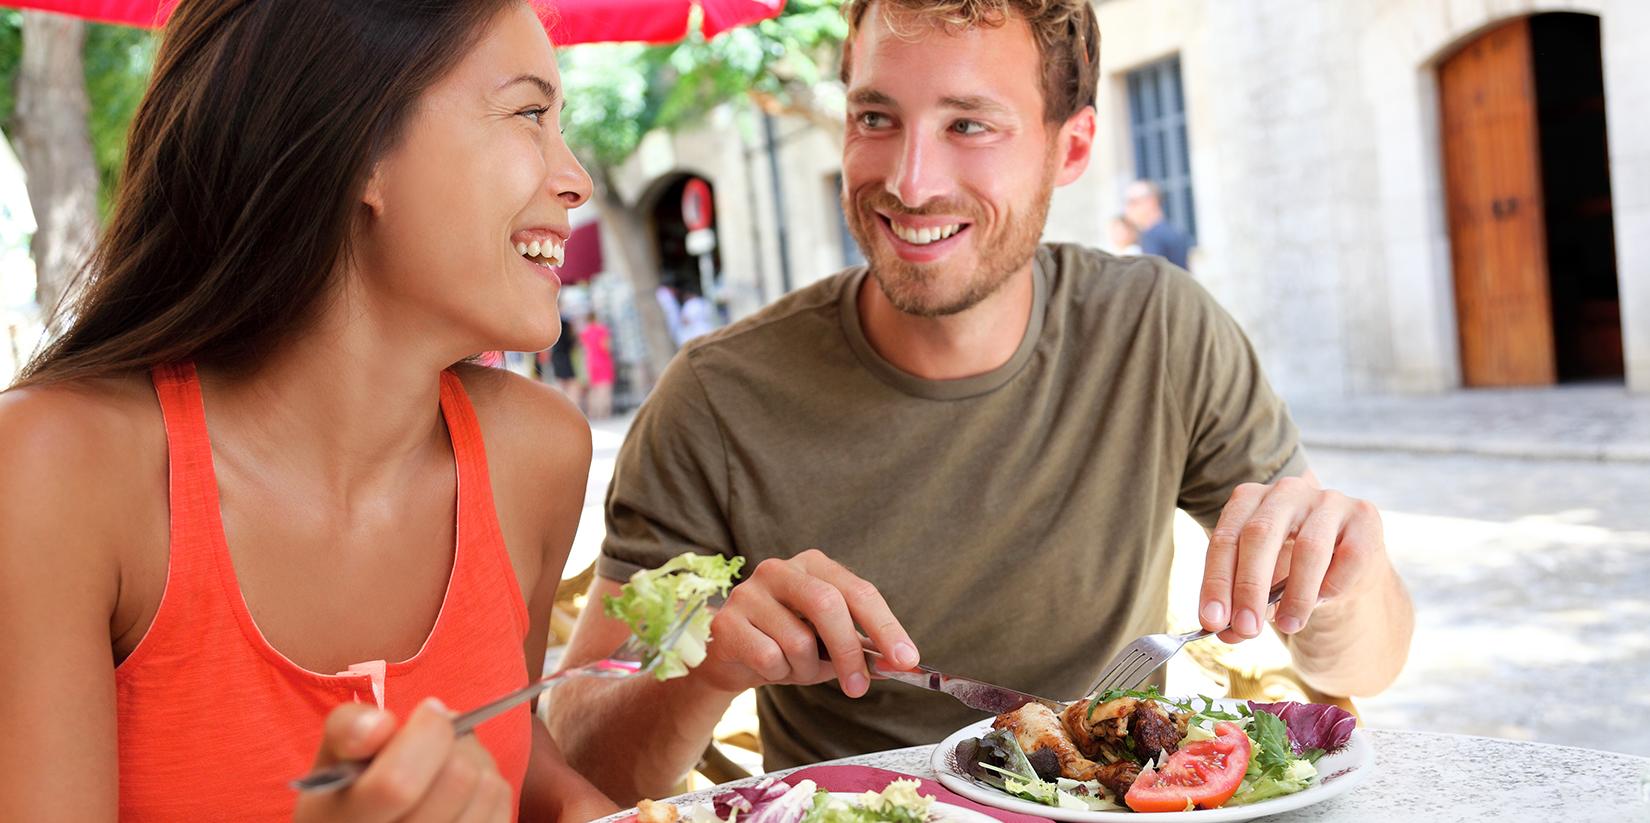 Intestinum hilft gegen Magenbeschwerden in den Ferien